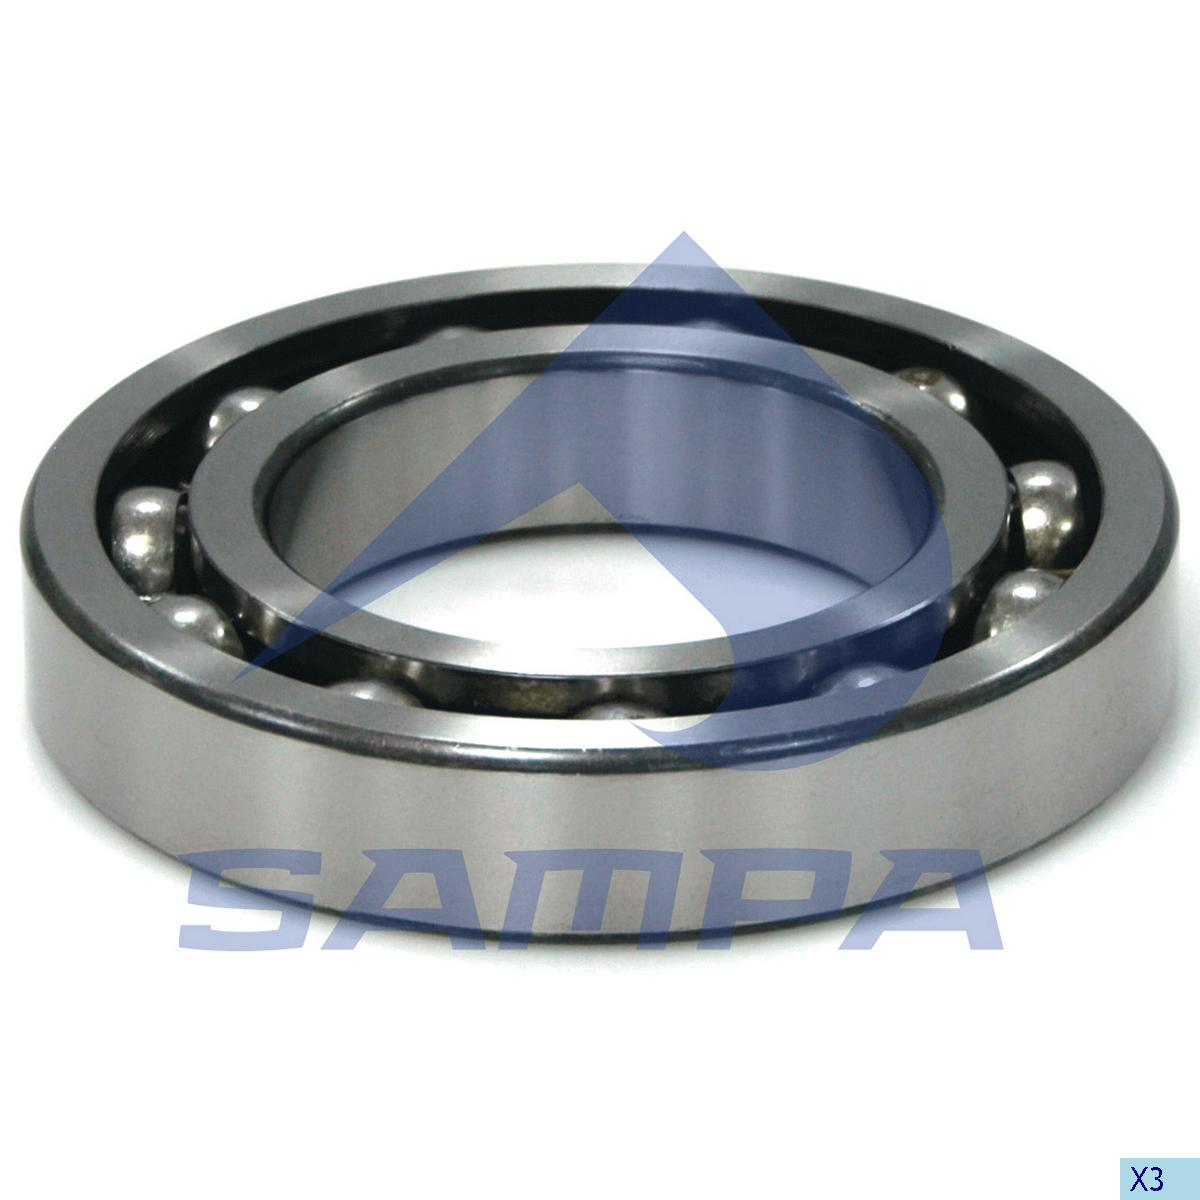 Bearing, Output Shaft, Mercedes, Gear Box